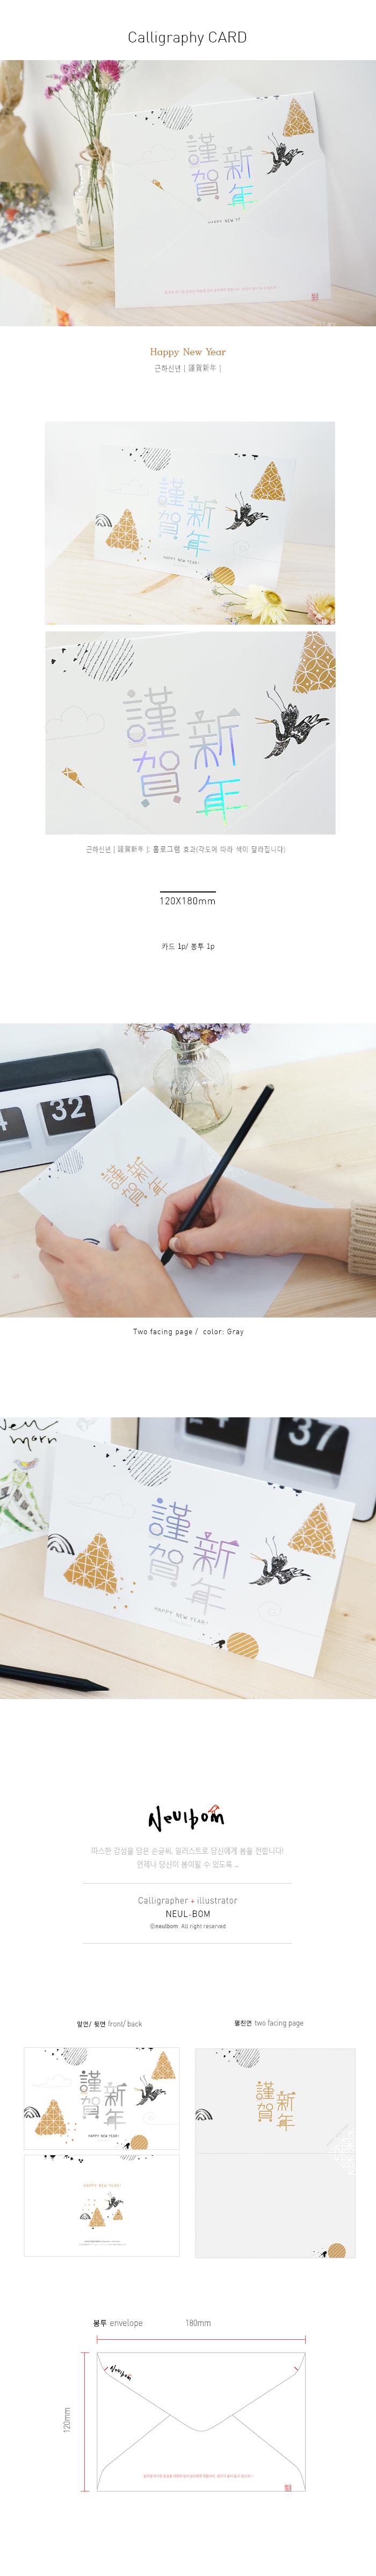 연하장 (근하신년) - 늘봄, 3,500원, 카드, 시즌/테마 카드